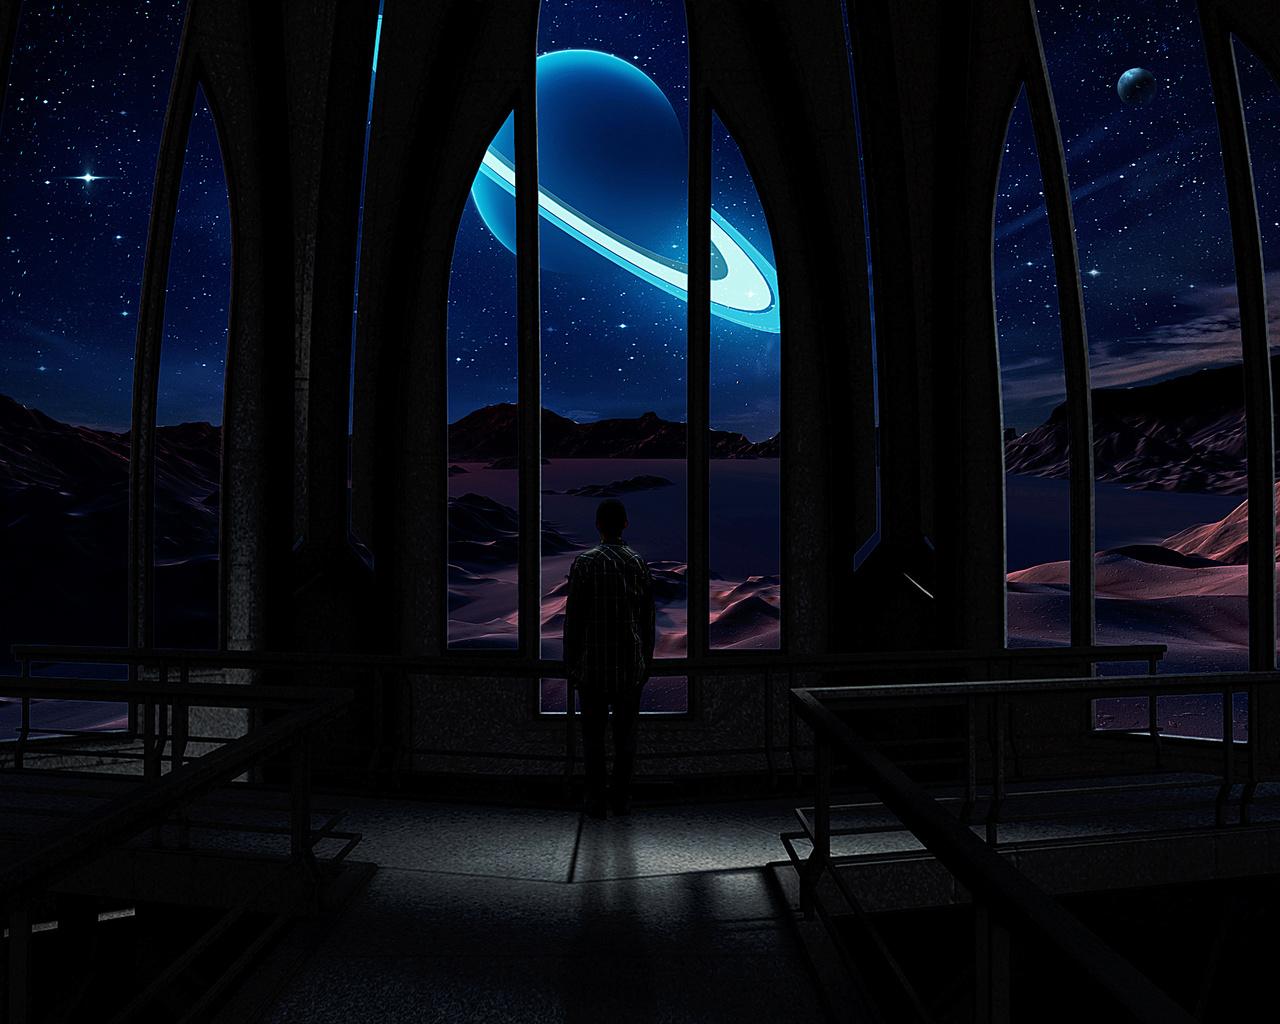 Человек, космос, вселенная, звезды